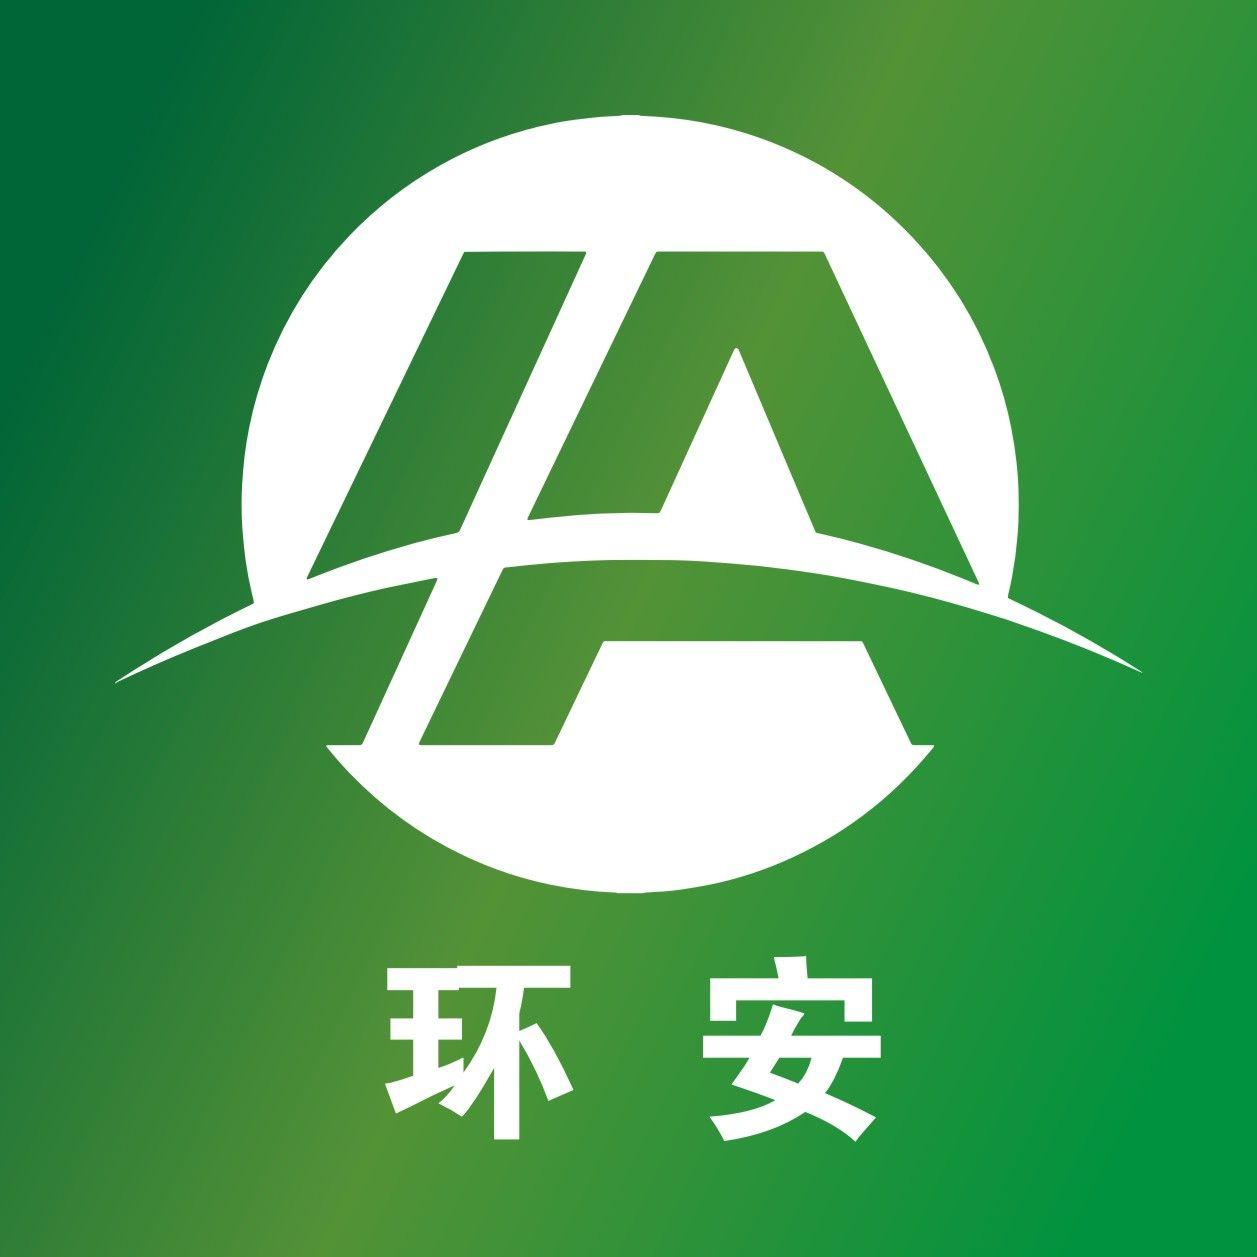 深圳市環安生物防治有限公司